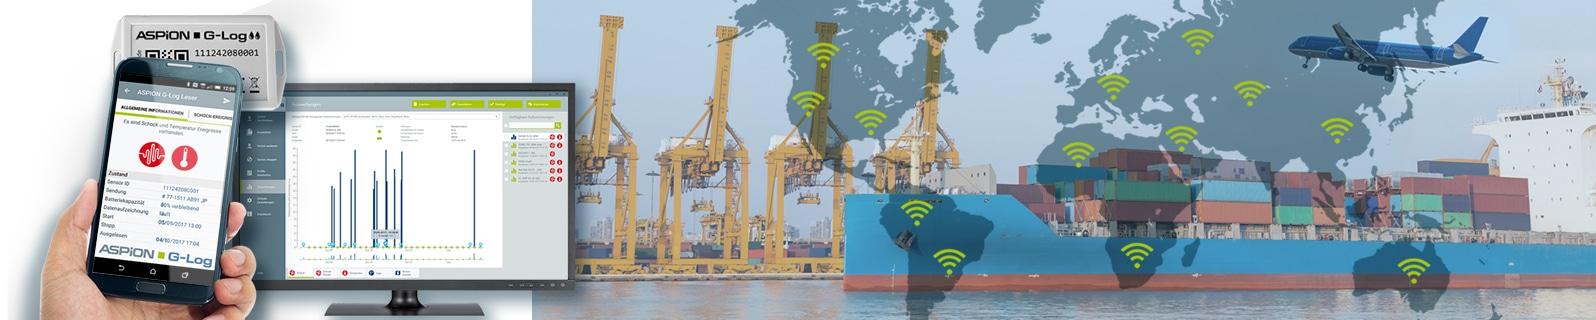 Cloudbasierter Dienst liefert Auswertungen der ASPION Sensoren zur Transportüberwachung